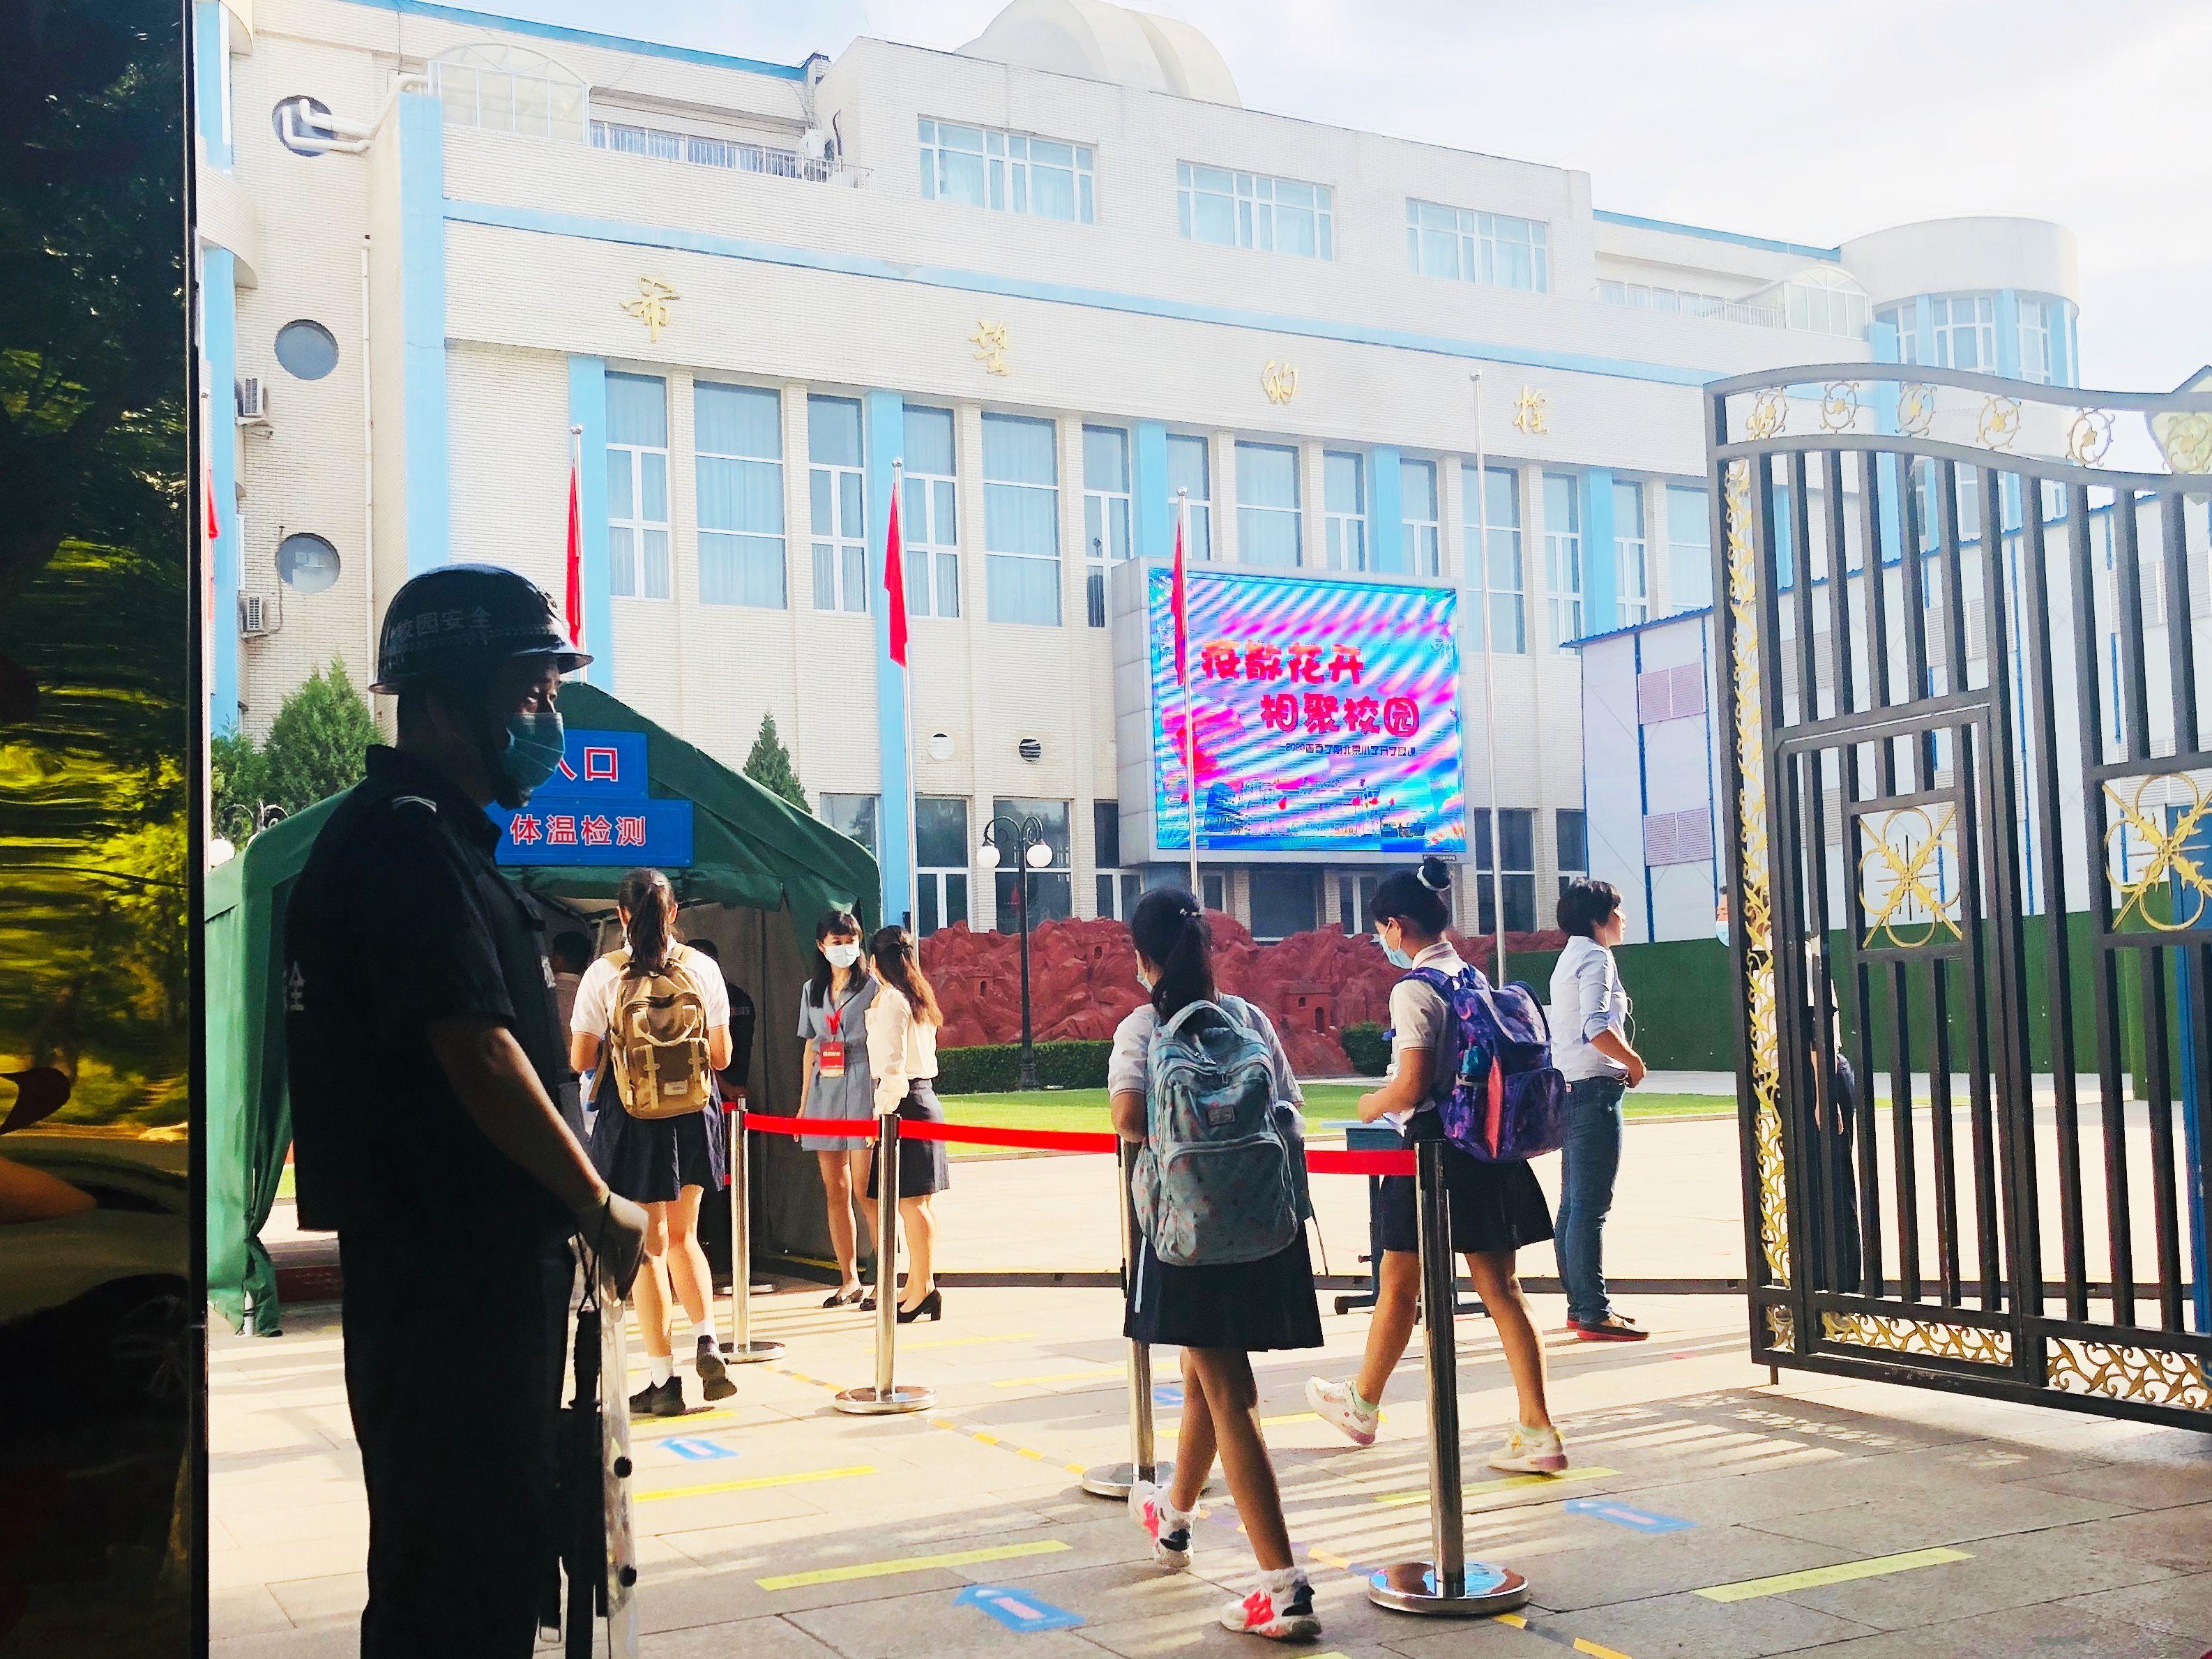 北京:6月8日小学四五年级复学 不同年级错峰上下学